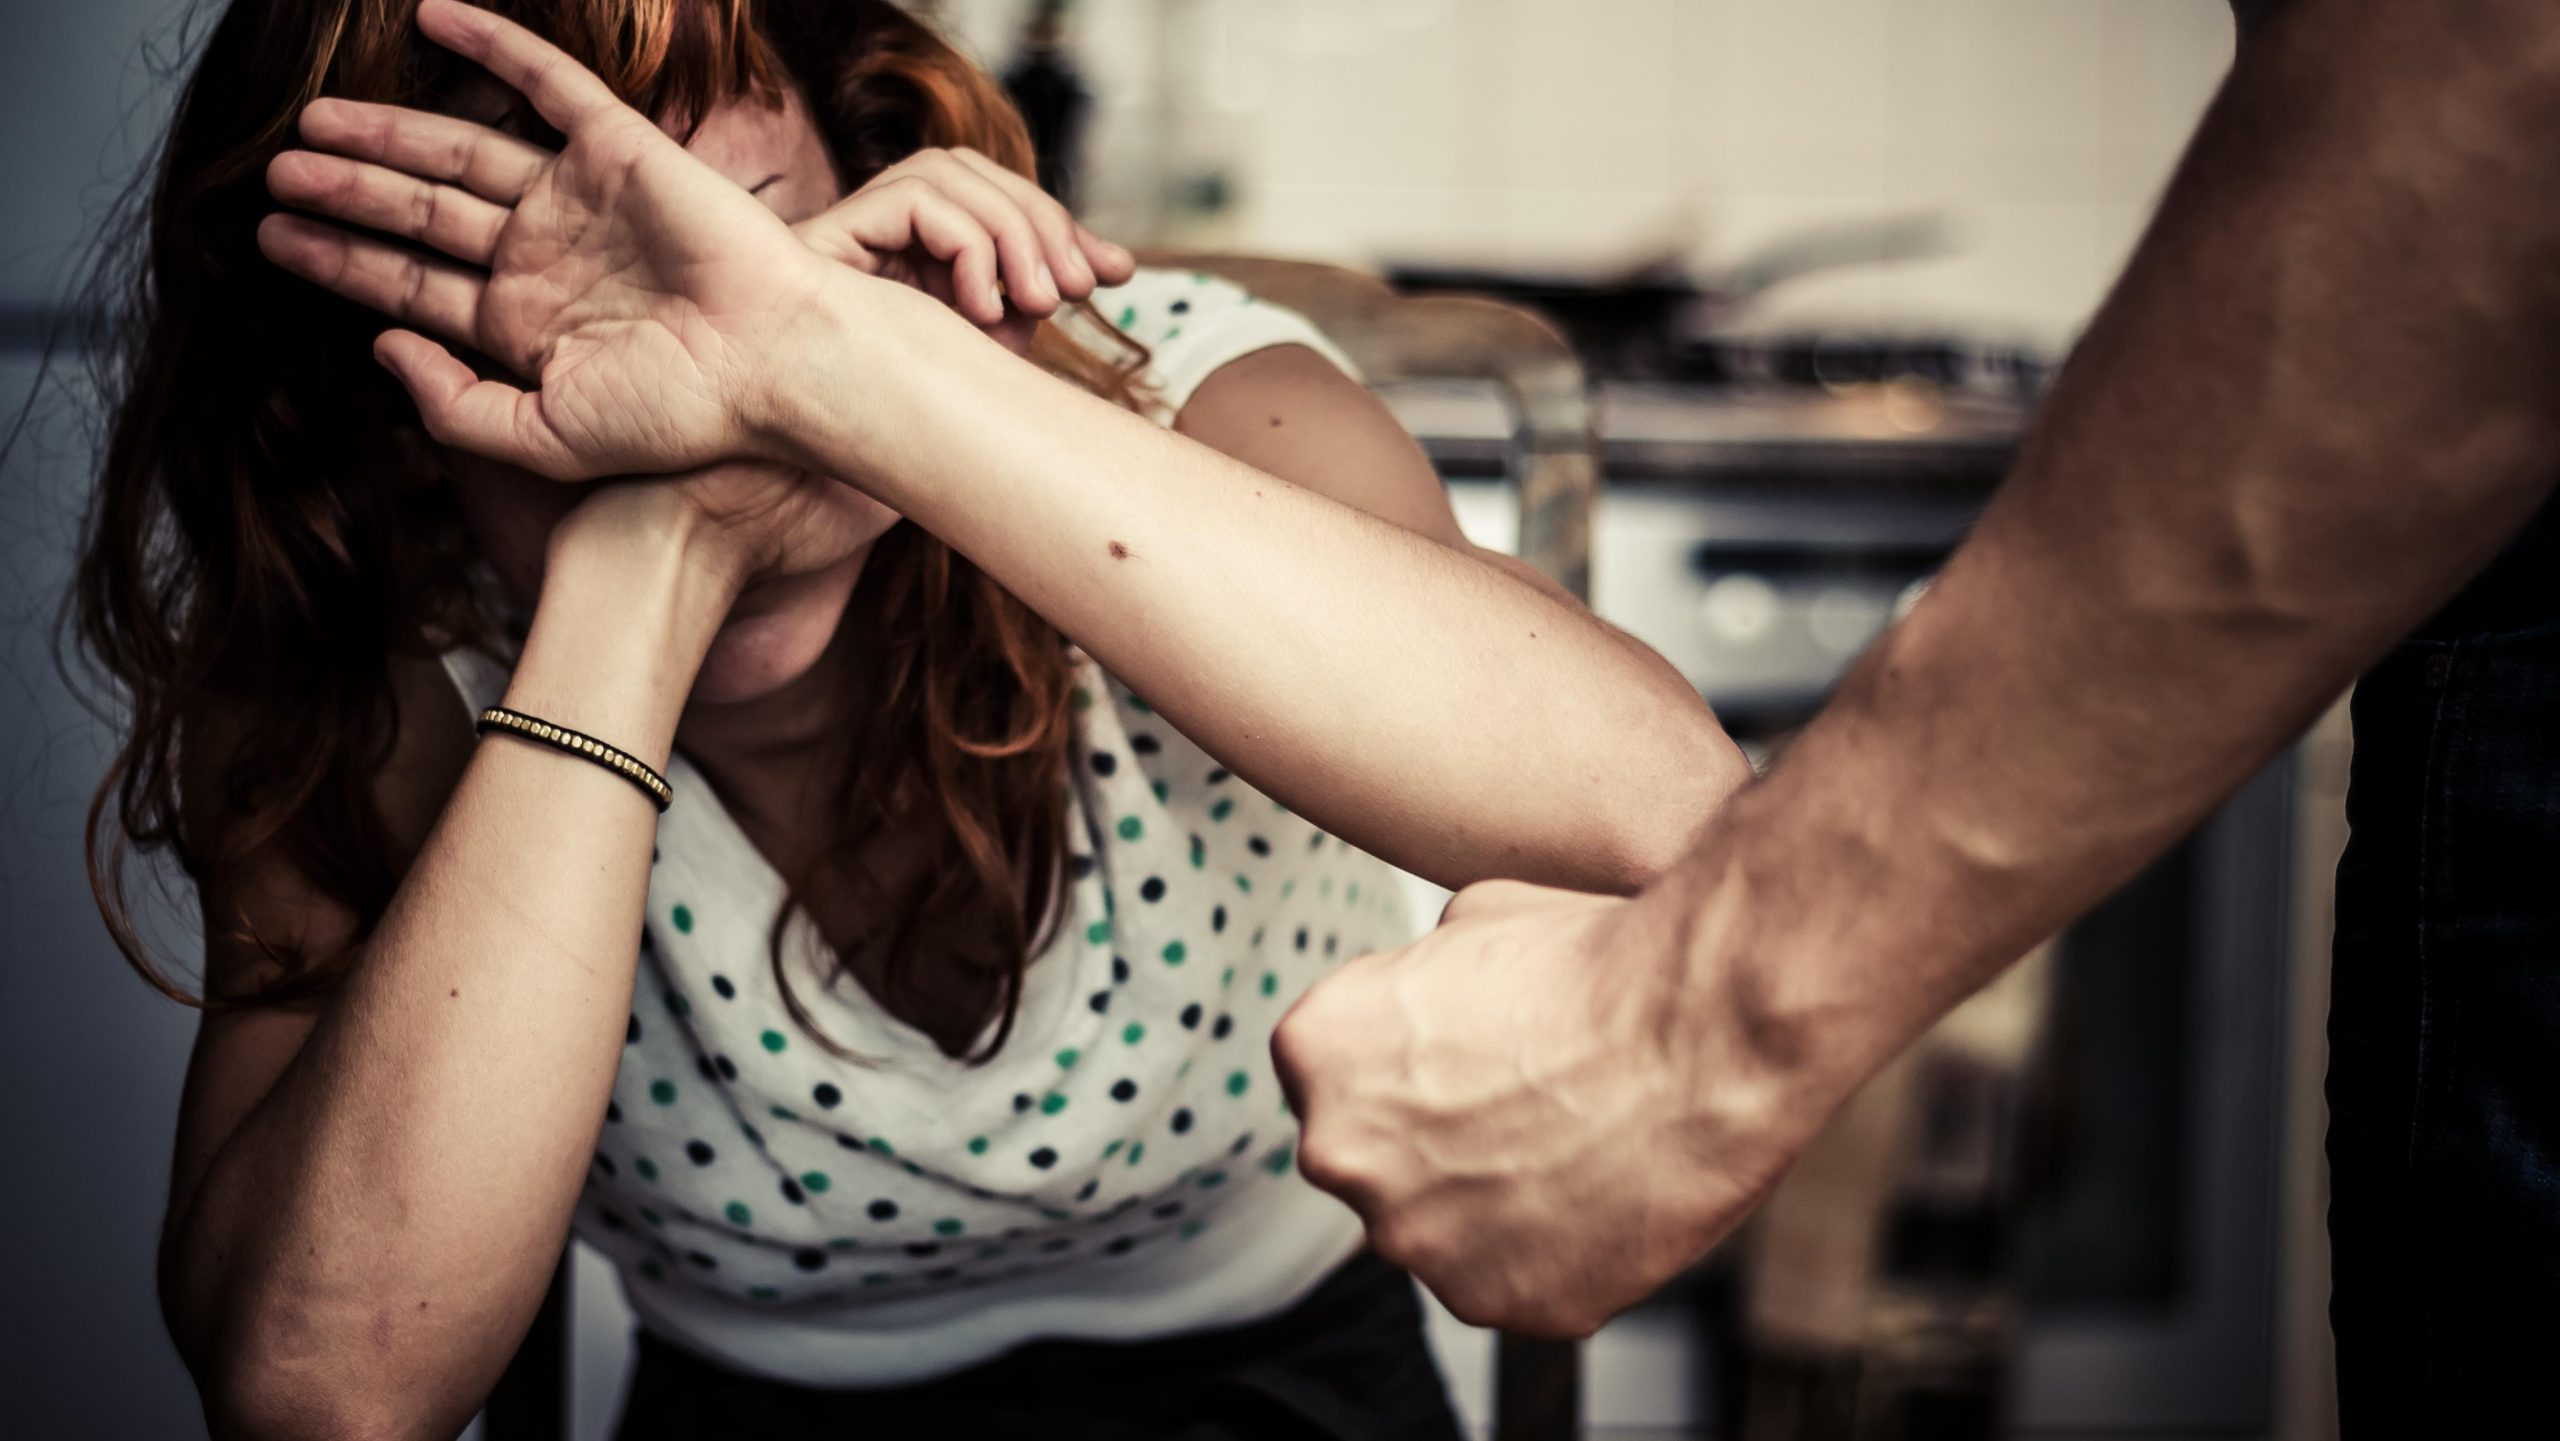 Se separaron, el le pegó, ella lo denunció y la justicia piquense lo condenó. Ahora volvieron a estar juntos nuevamente